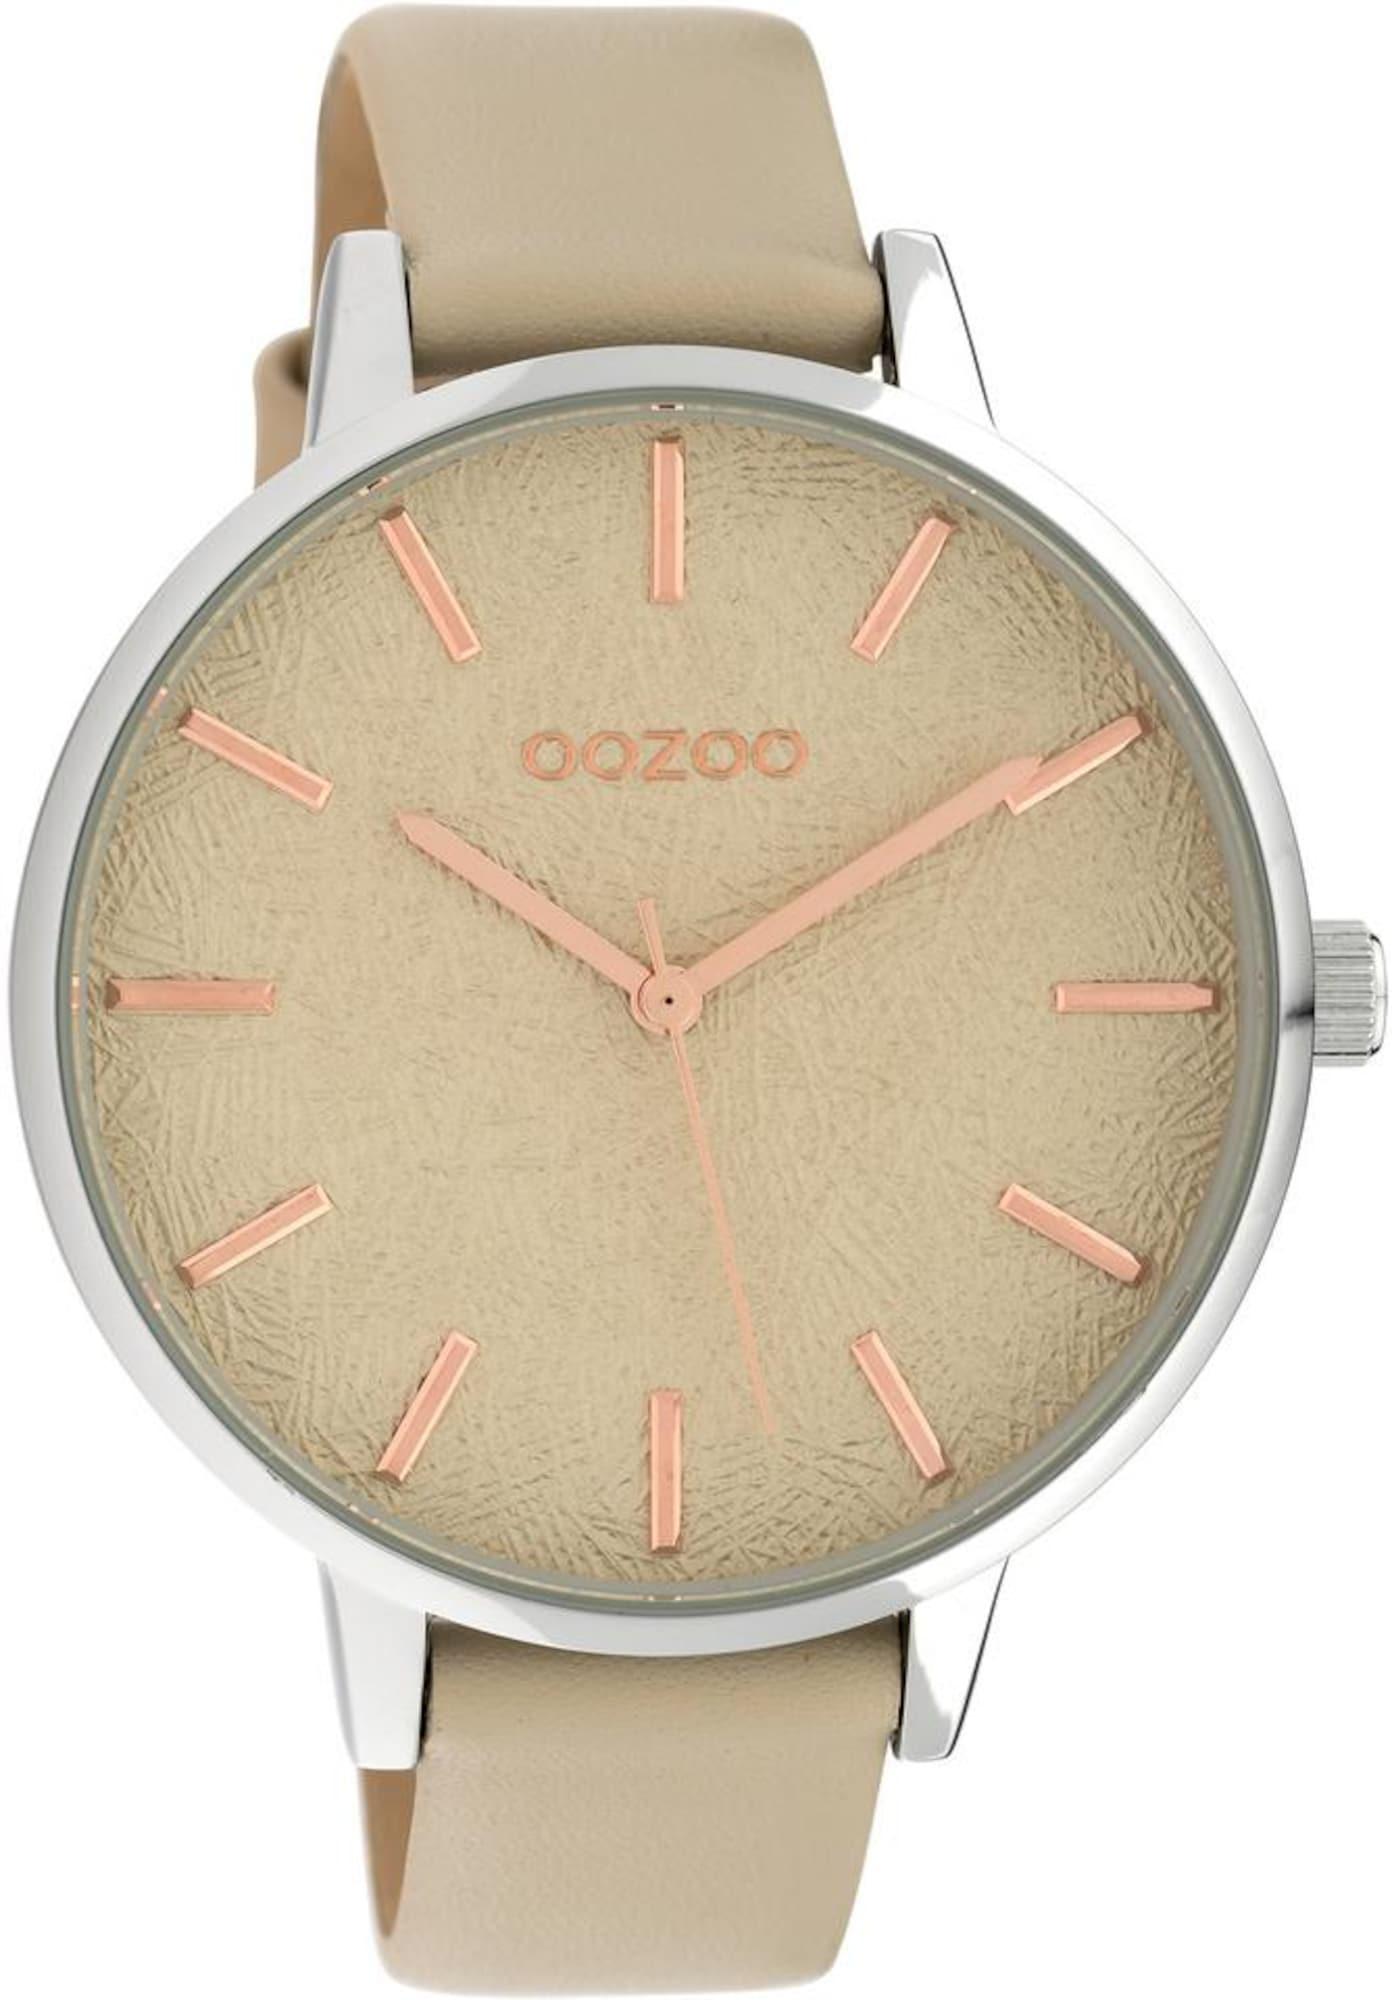 Damen OOZOO Quarzuhr 'C10158' beige,  silber | 08719929011791